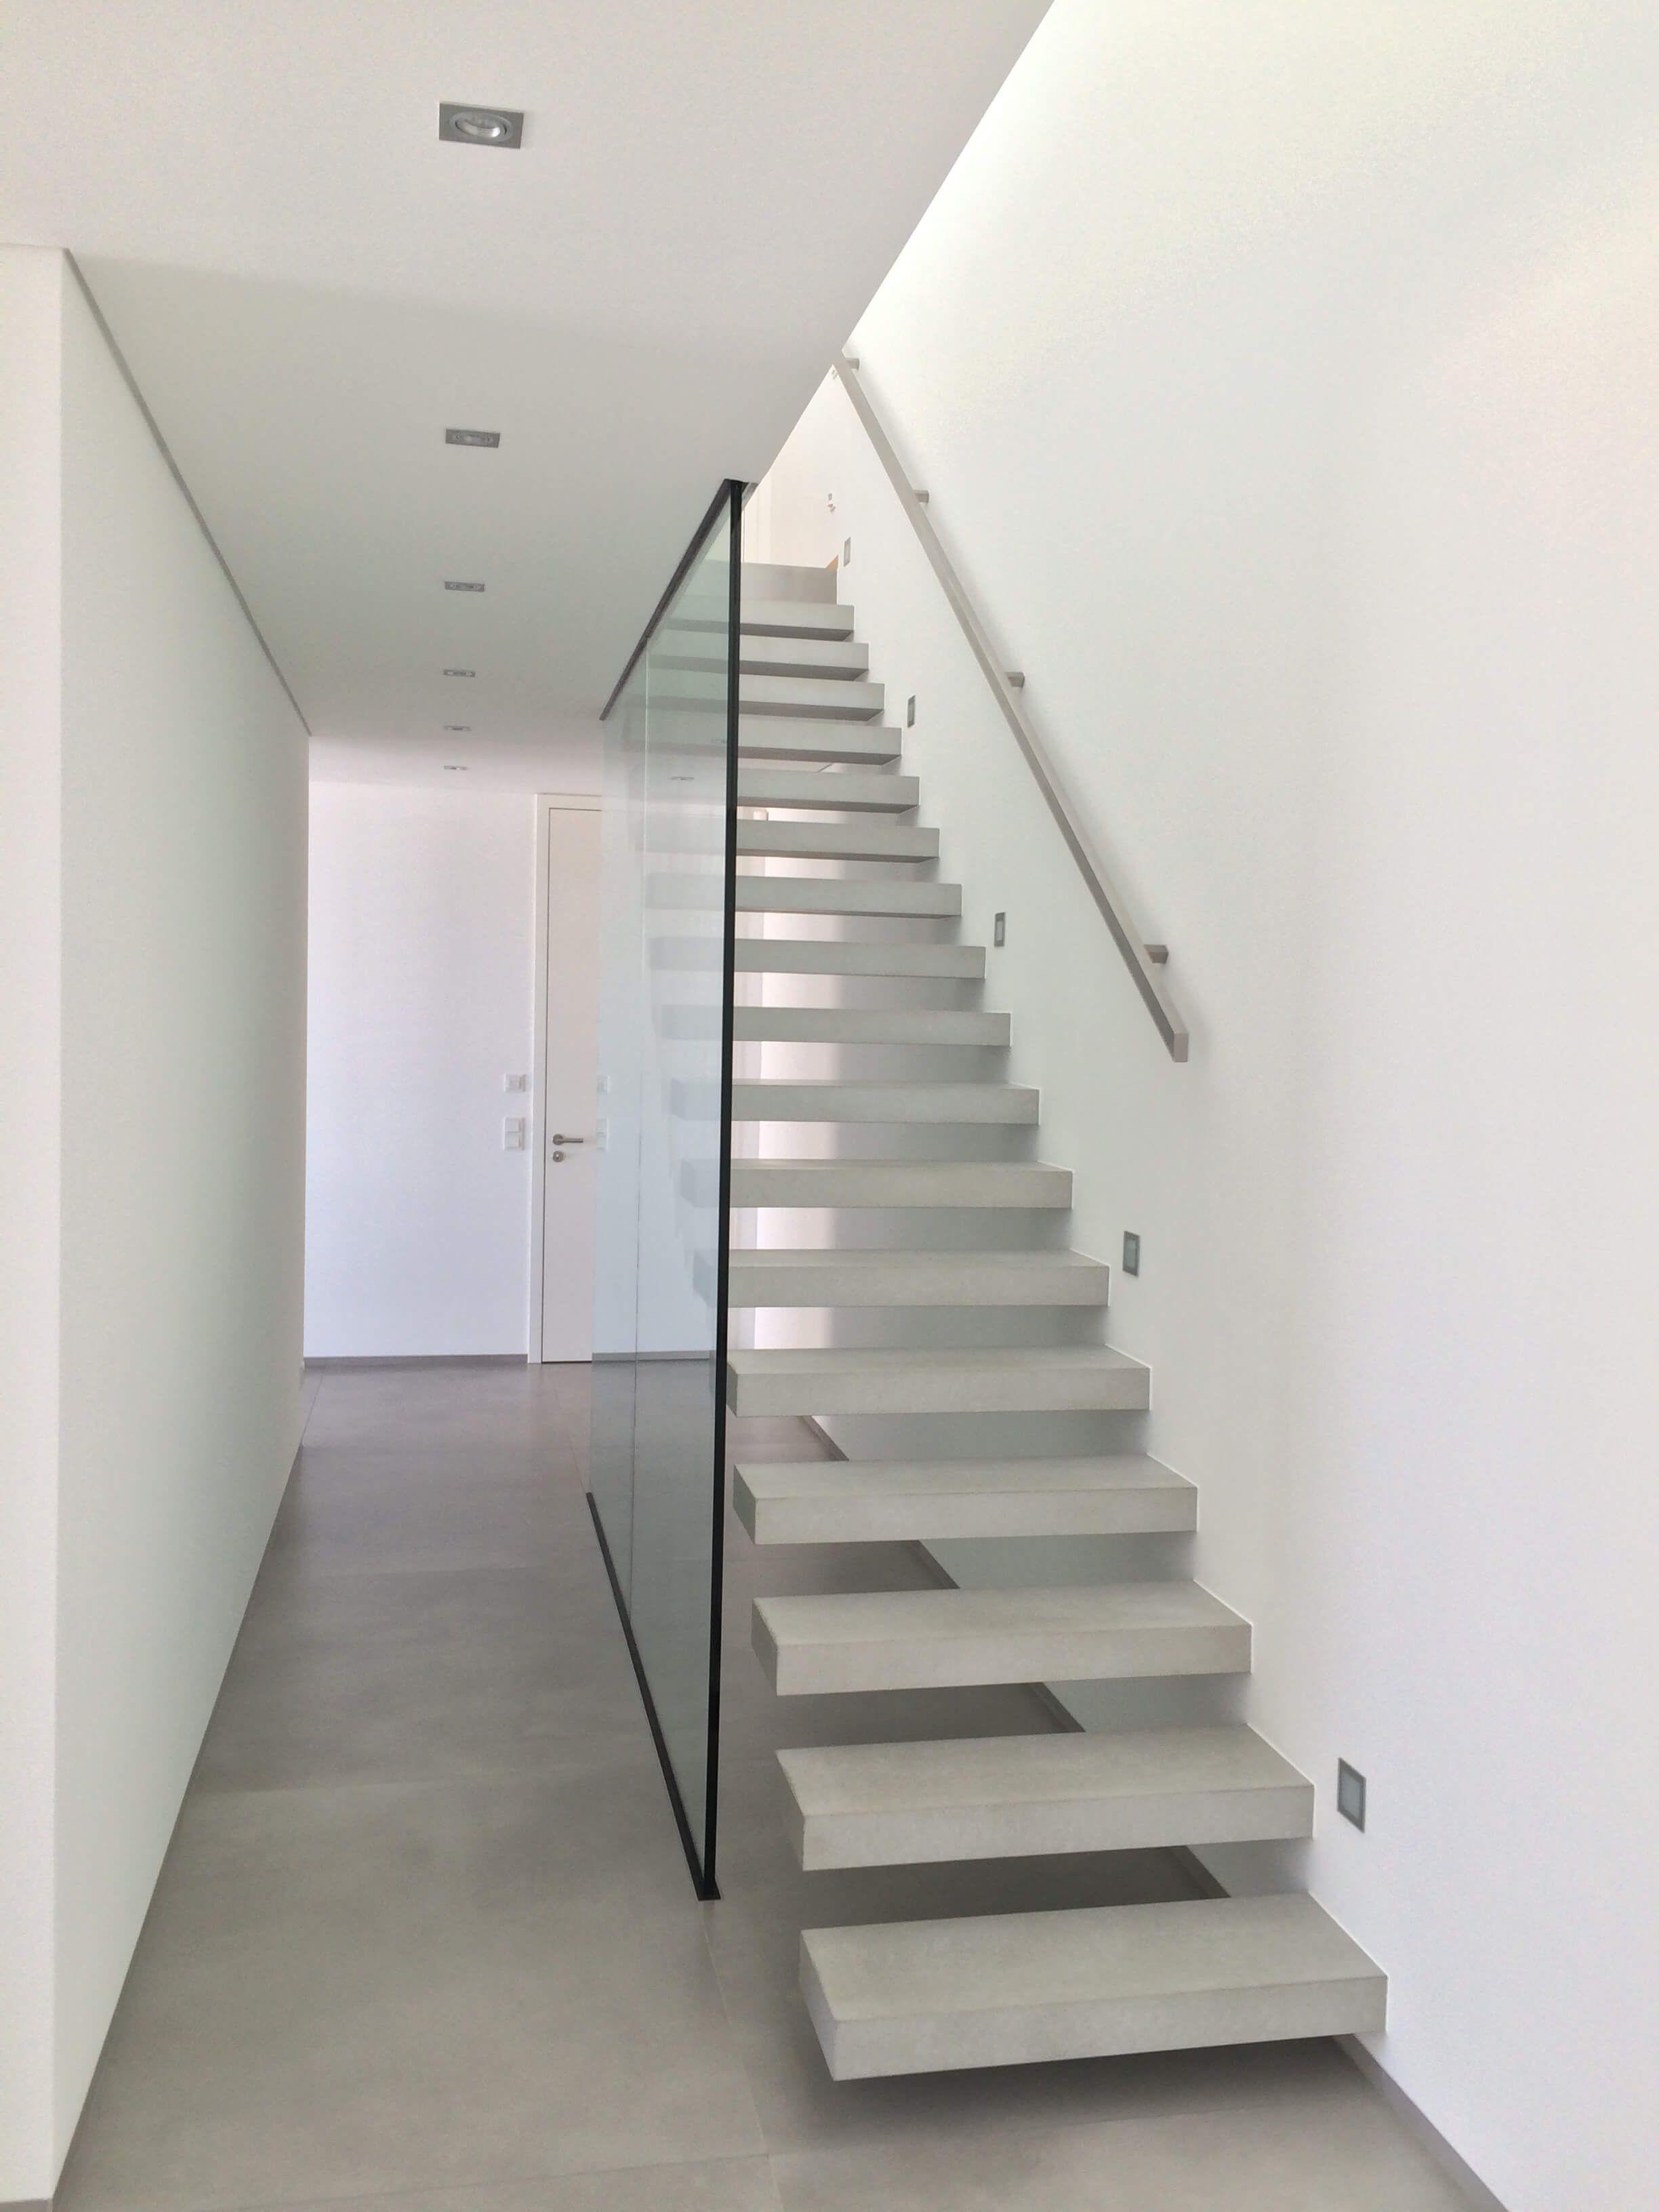 Bekannt Flying Steps Treppe, Glaswand, Innentüren weißlack deckenhoch YS56